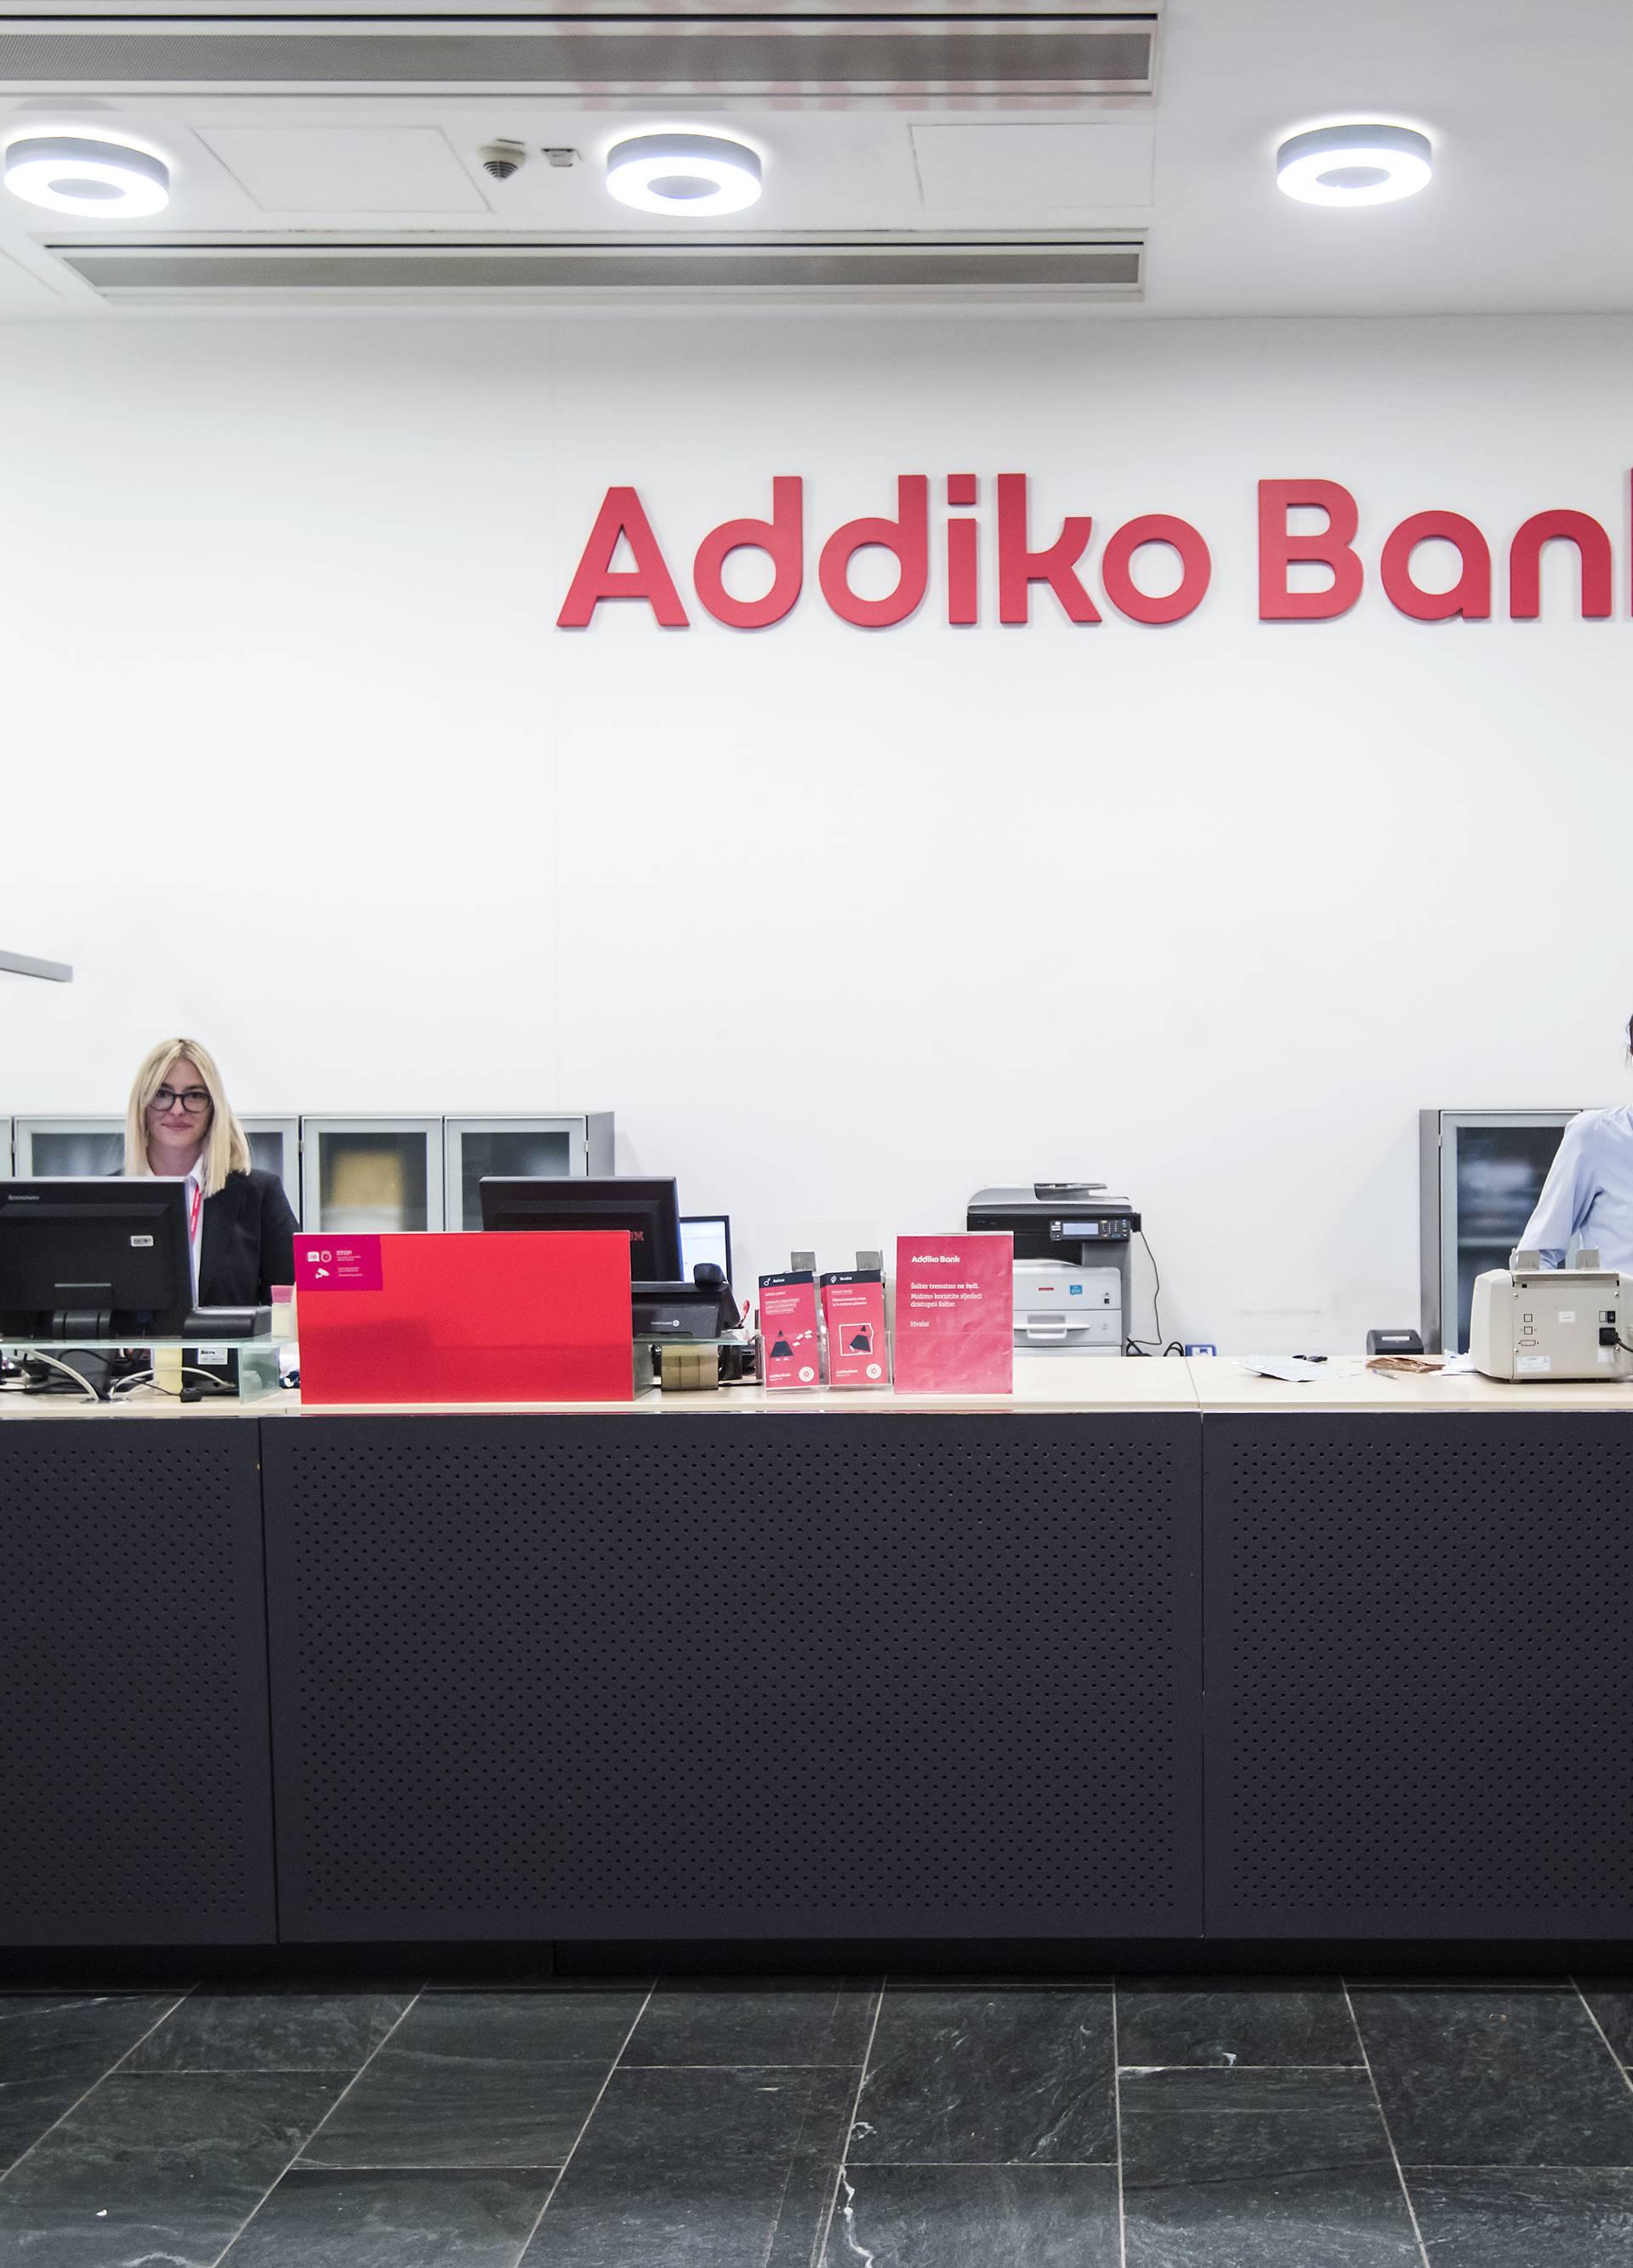 Addiko je najbolja banka u poslovanju s građanstvom